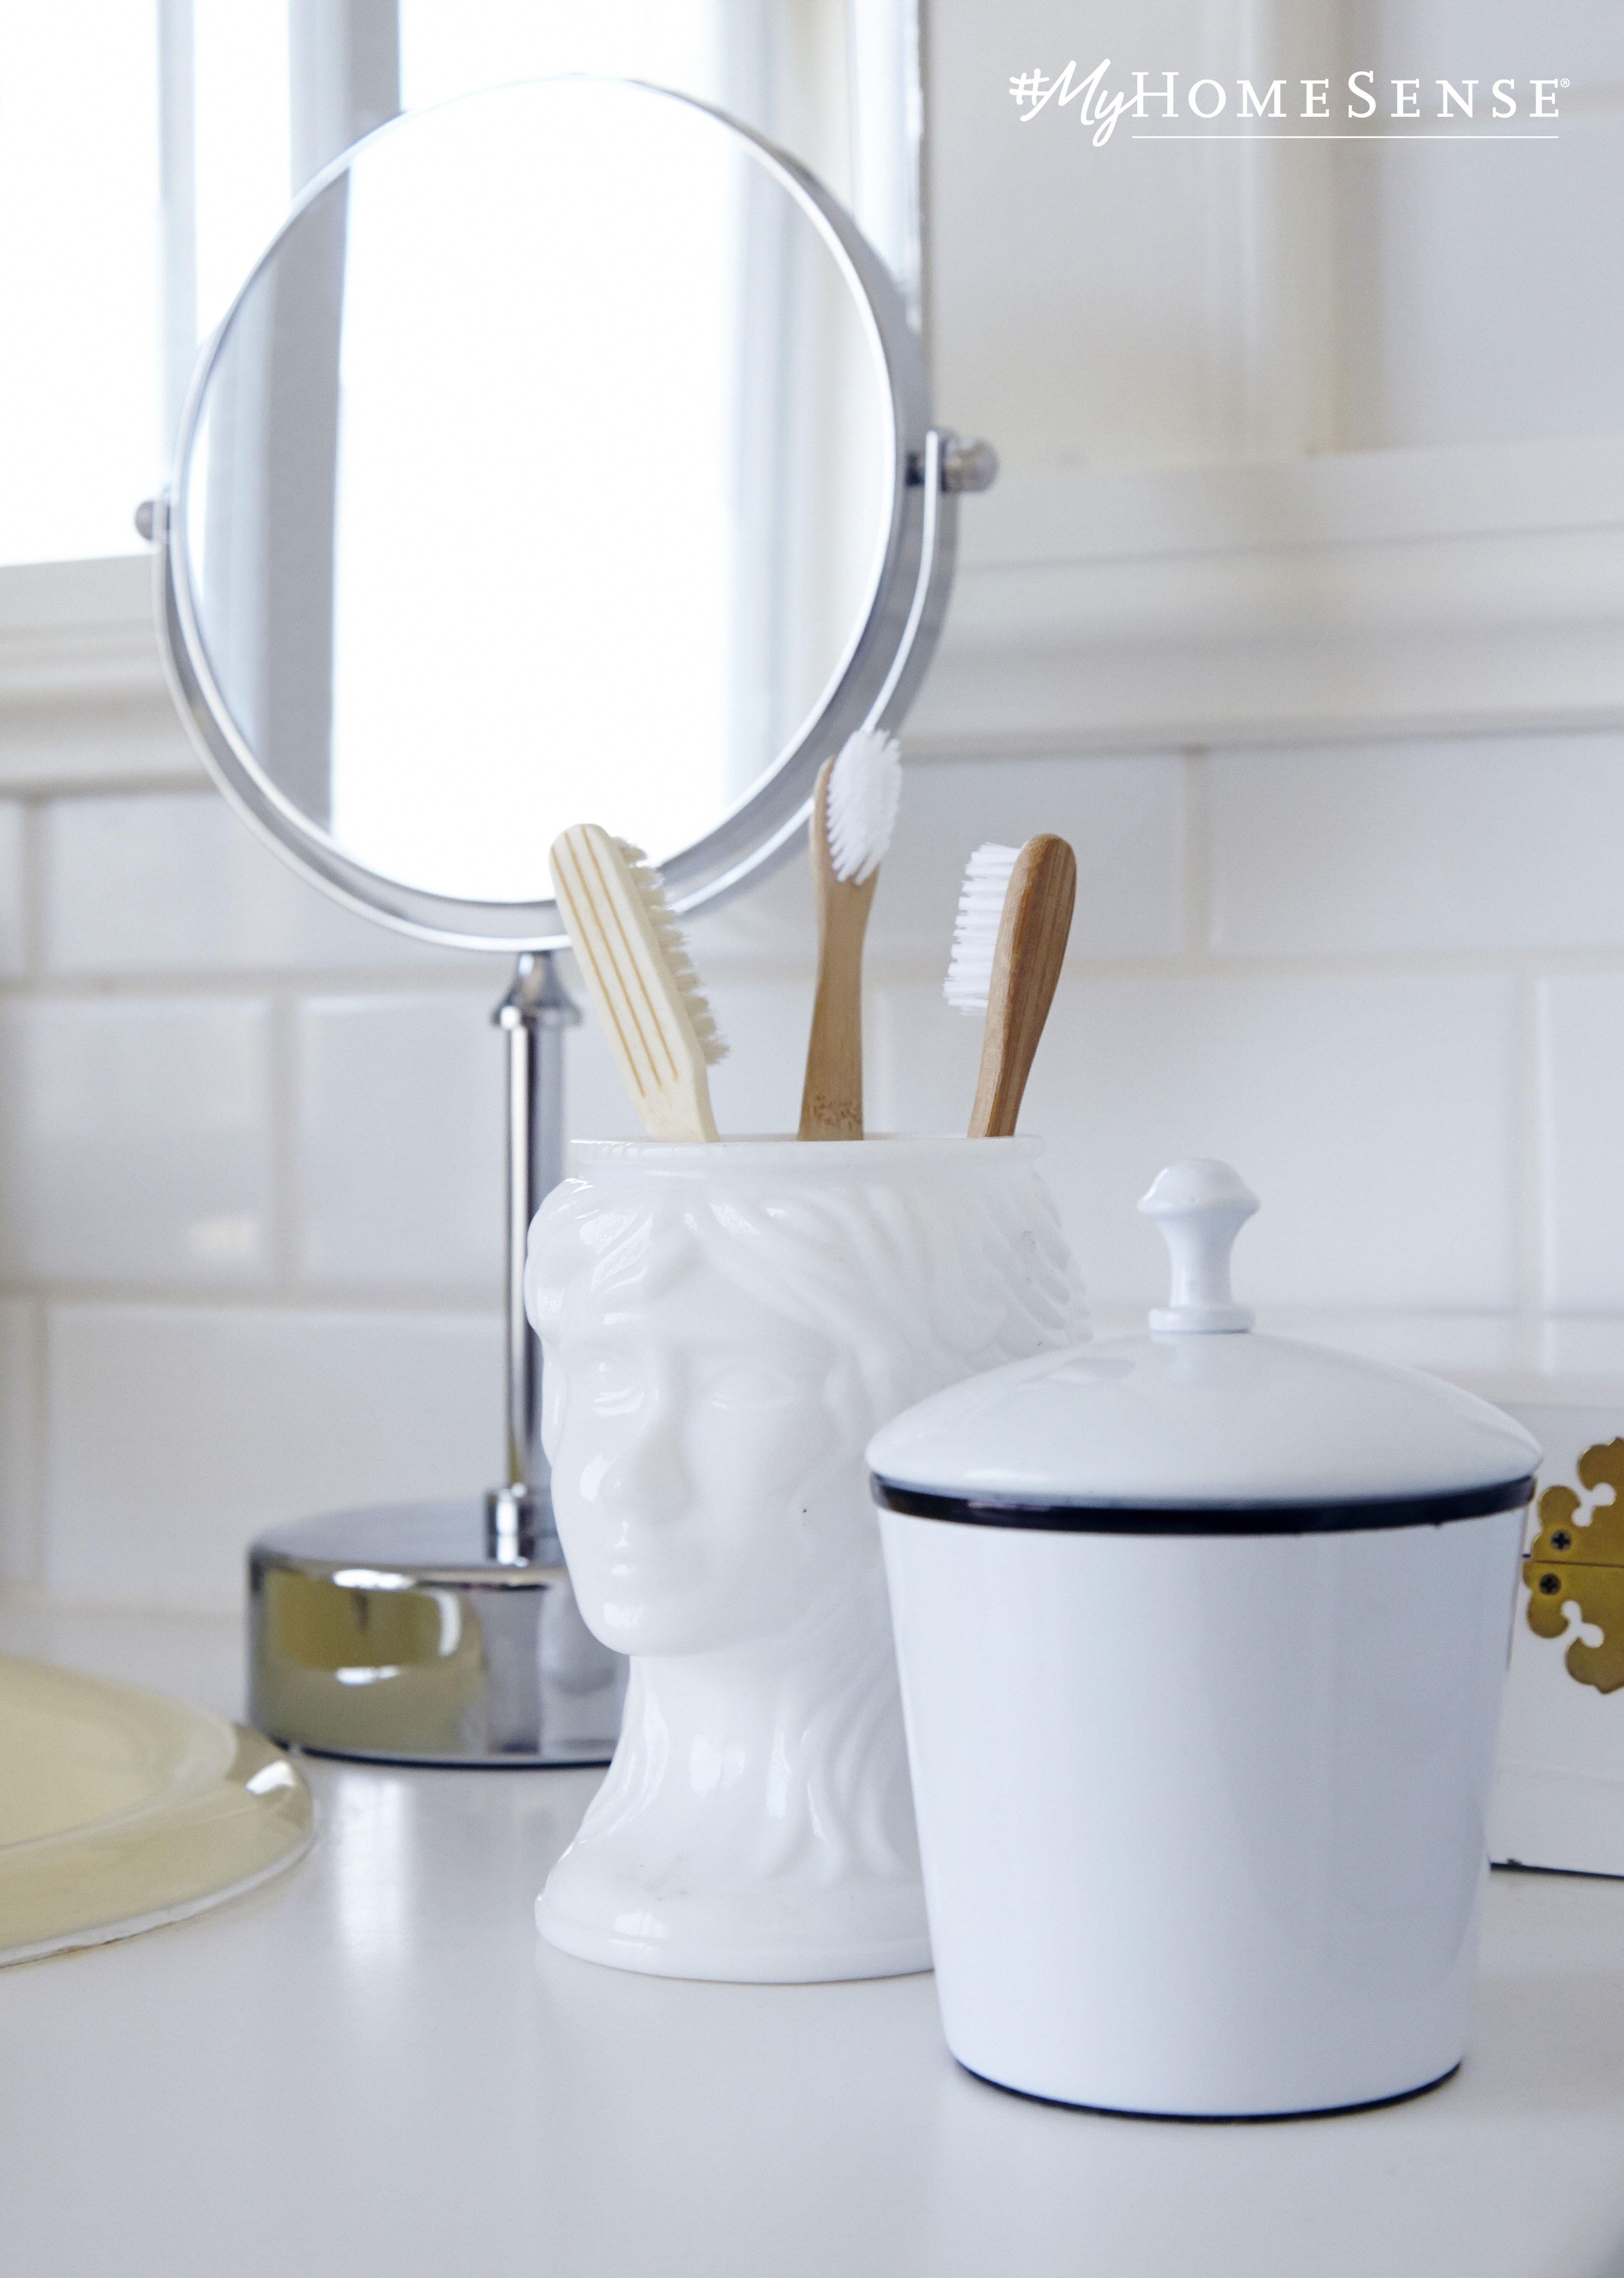 Bed, Bath, Kitchen, Storage, Home & Outdoor Décor | Home sense work ...